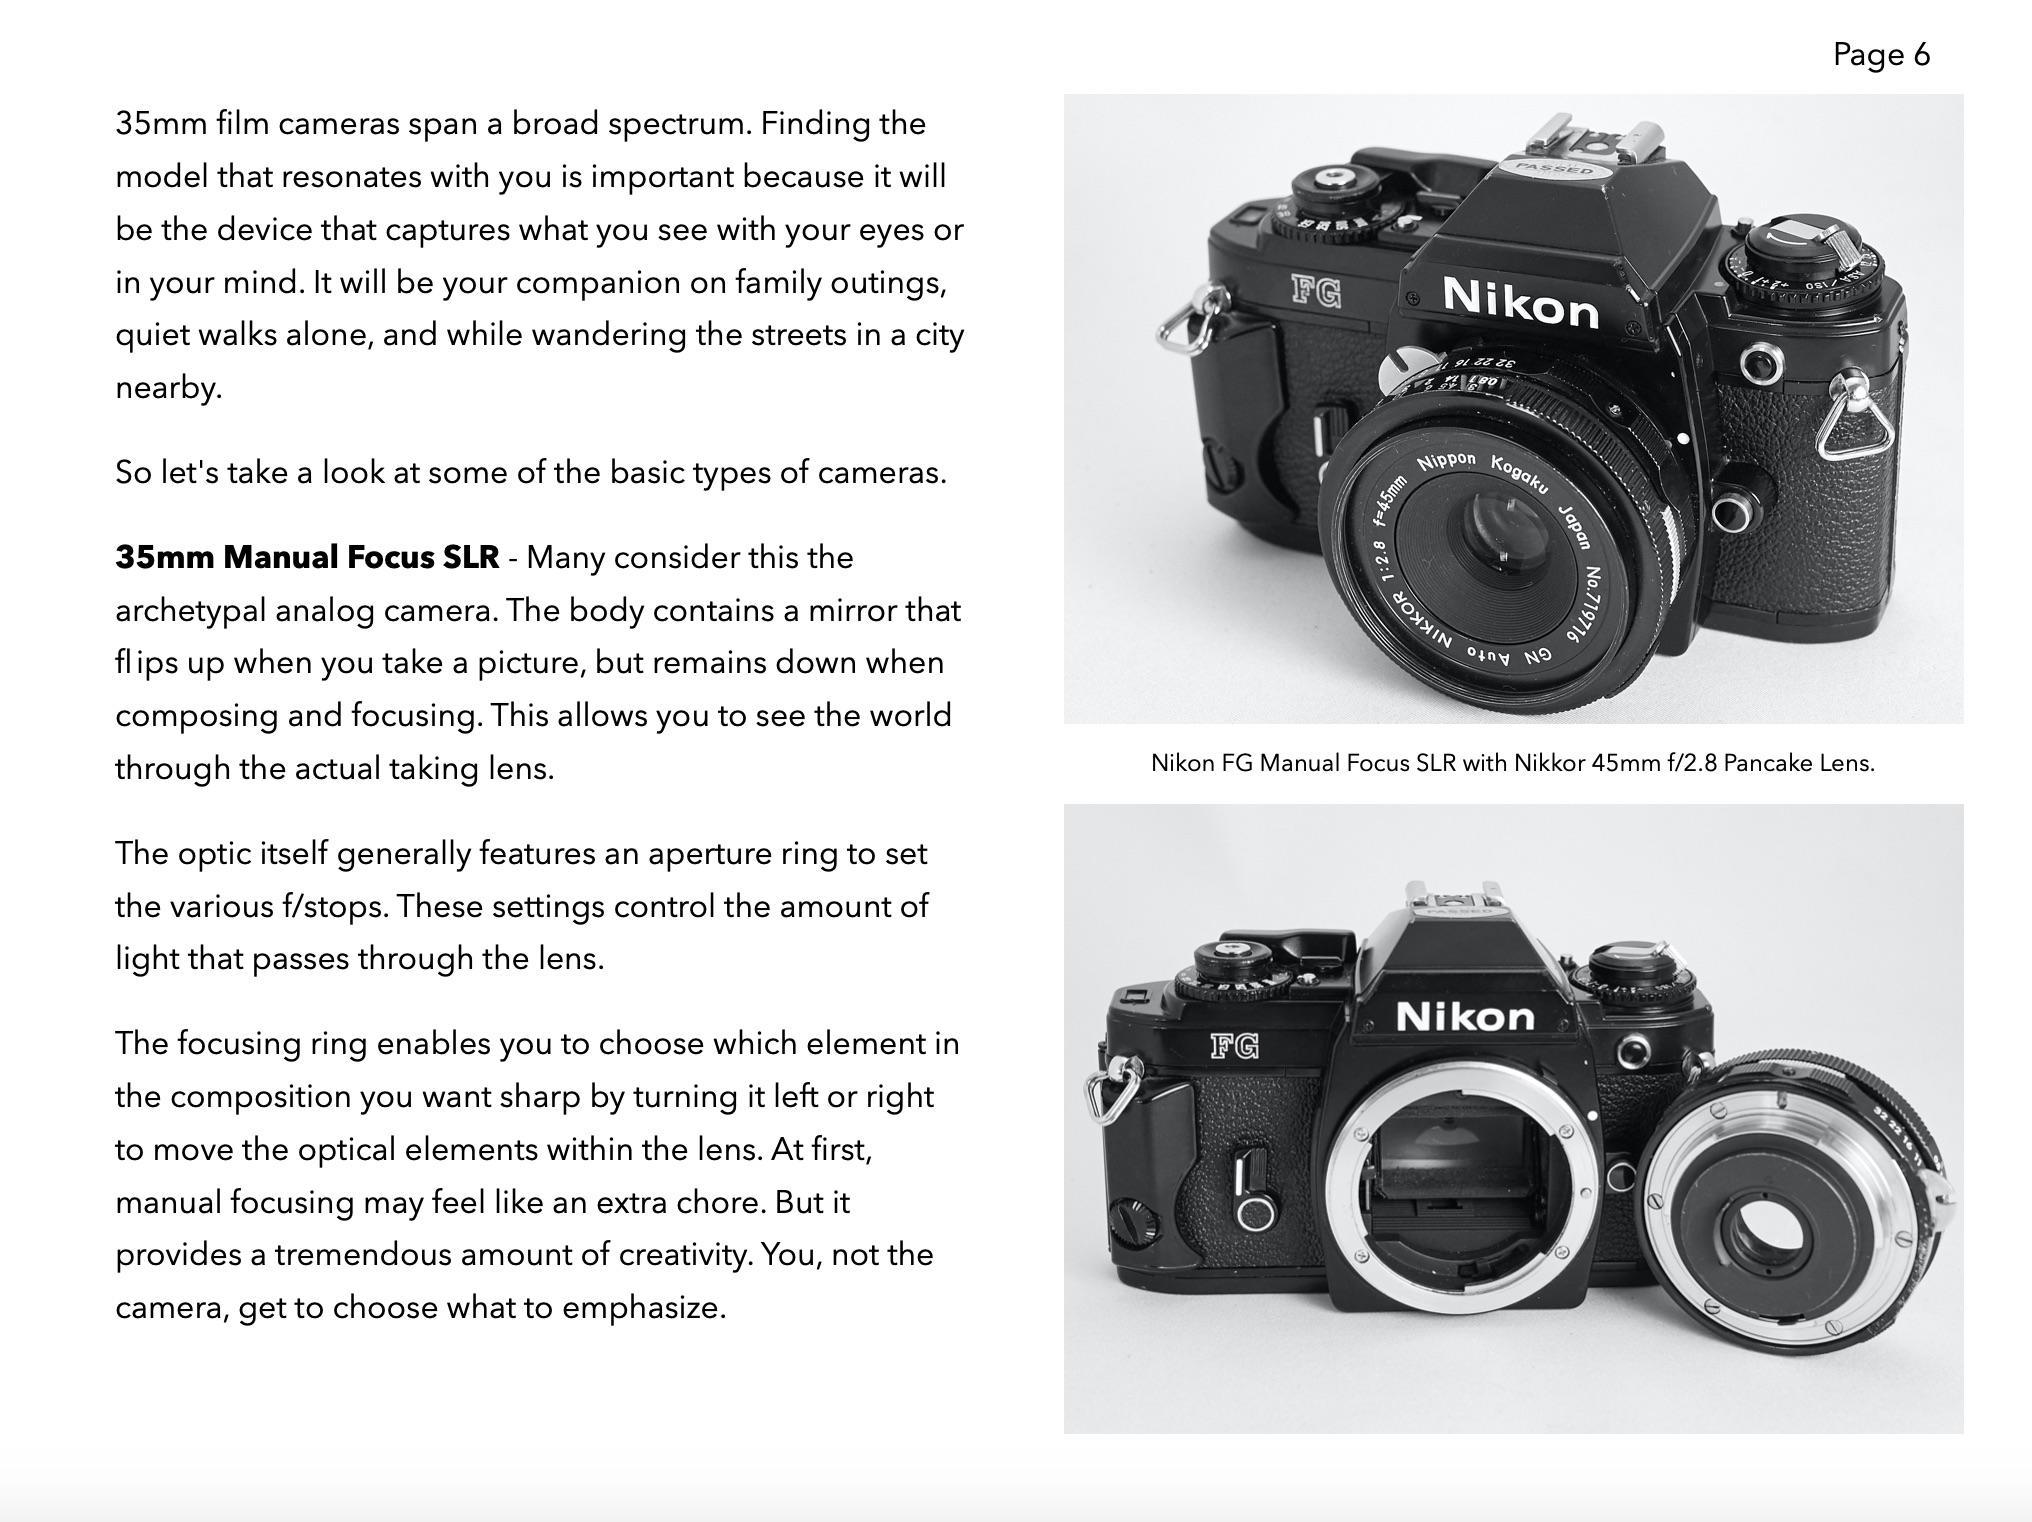 https://thedigitalstory.com/2020/10/13/Film-Photography-Cameras.jpg